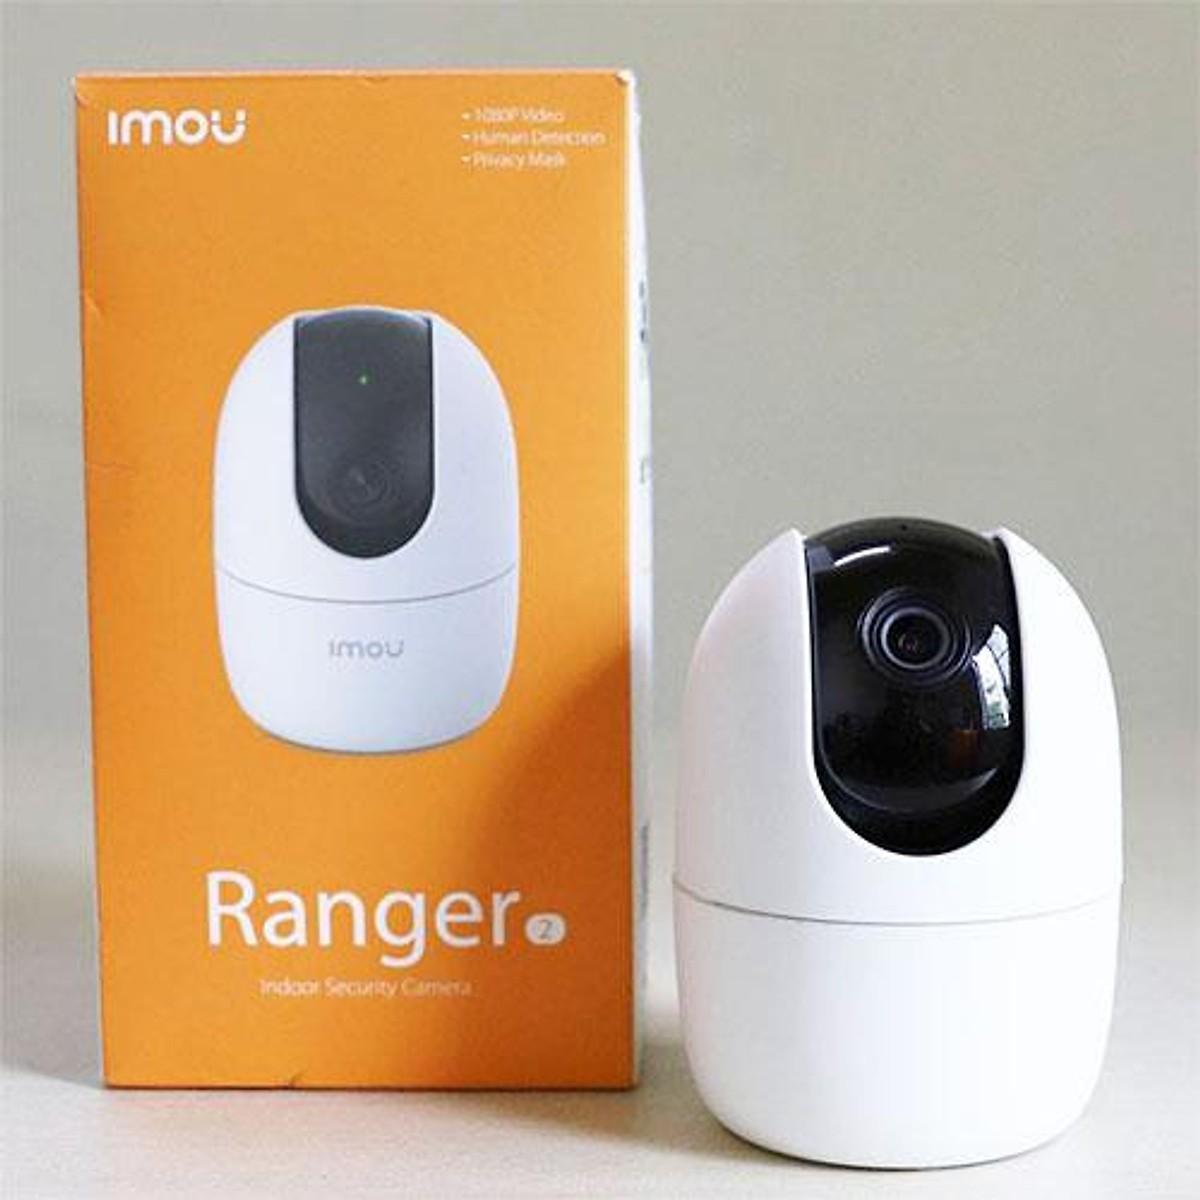 Combo Camera IP Wifi Imou  IPC-A22EP 2.0mpx Full HD 1080p và Thẻ Nhơ Kingston 16Gb/32Gb - Hàng Chính Hãng - 16547805 , 6213966681914 , 62_26068127 , 900000 , Combo-Camera-IP-Wifi-Imou-IPC-A22EP-2.0mpx-Full-HD-1080p-va-The-Nho-Kingston-16Gb-32Gb-Hang-Chinh-Hang-62_26068127 , tiki.vn , Combo Camera IP Wifi Imou  IPC-A22EP 2.0mpx Full HD 1080p và Thẻ Nhơ King